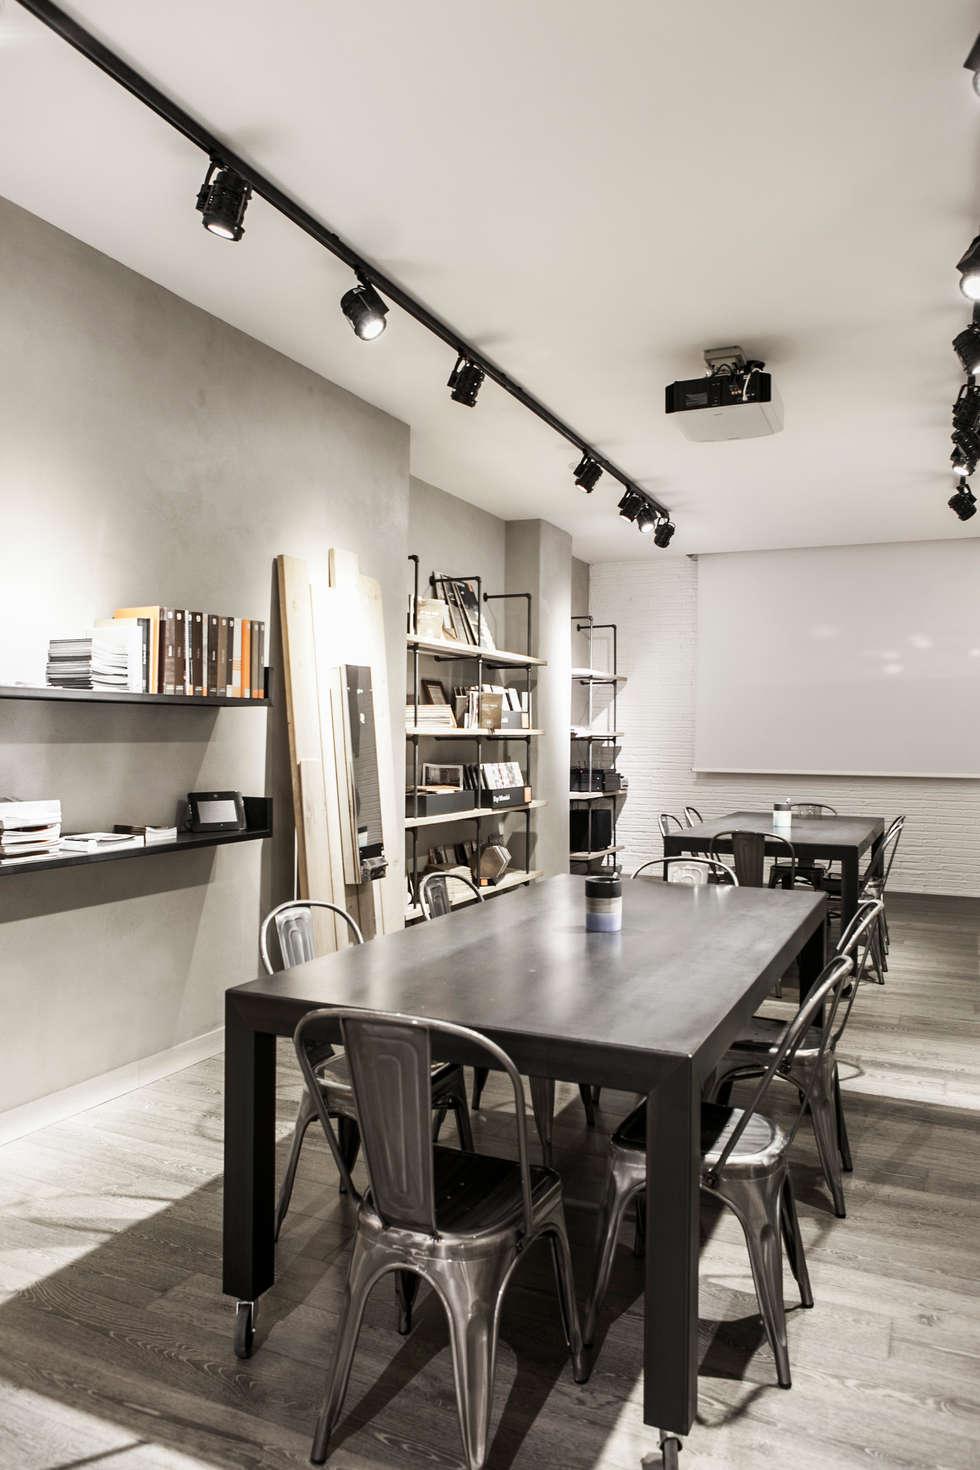 Showroom Hidrogea: Negozi & Locali commerciali in stile  di Officine Dasa srl